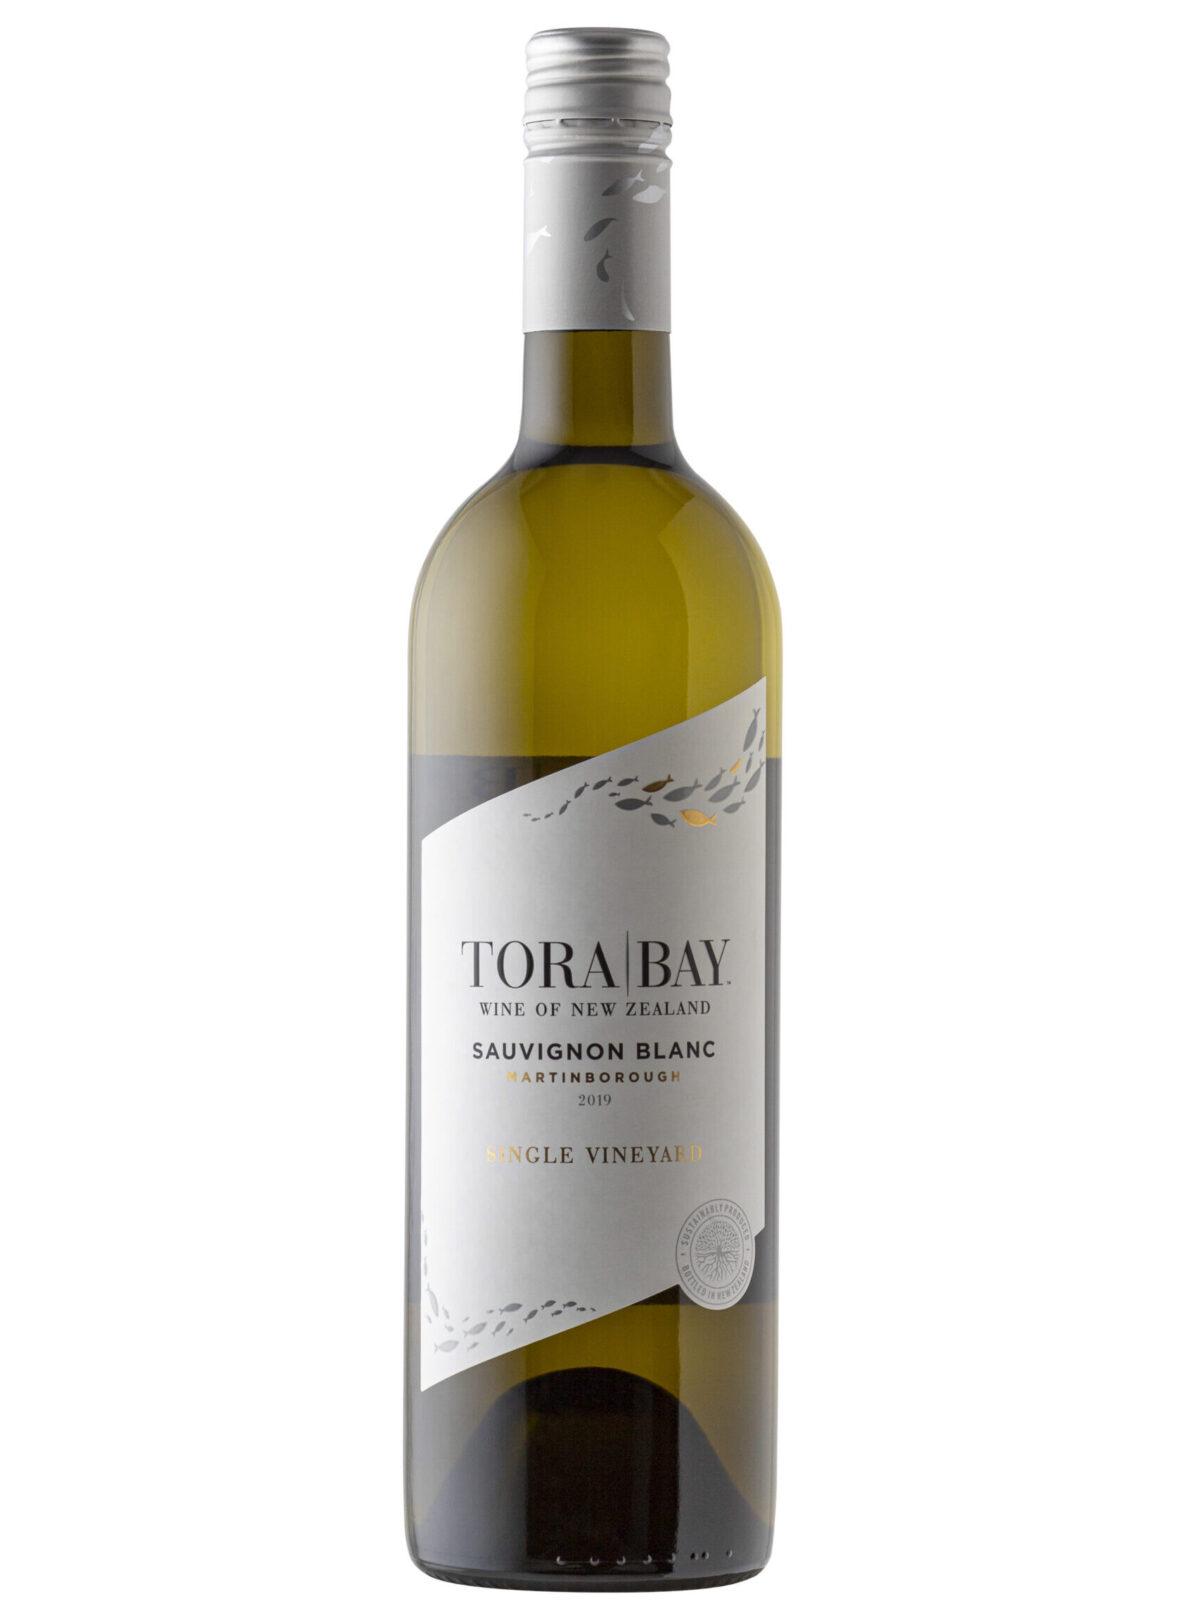 Tora Bay Sauvignon Blanc